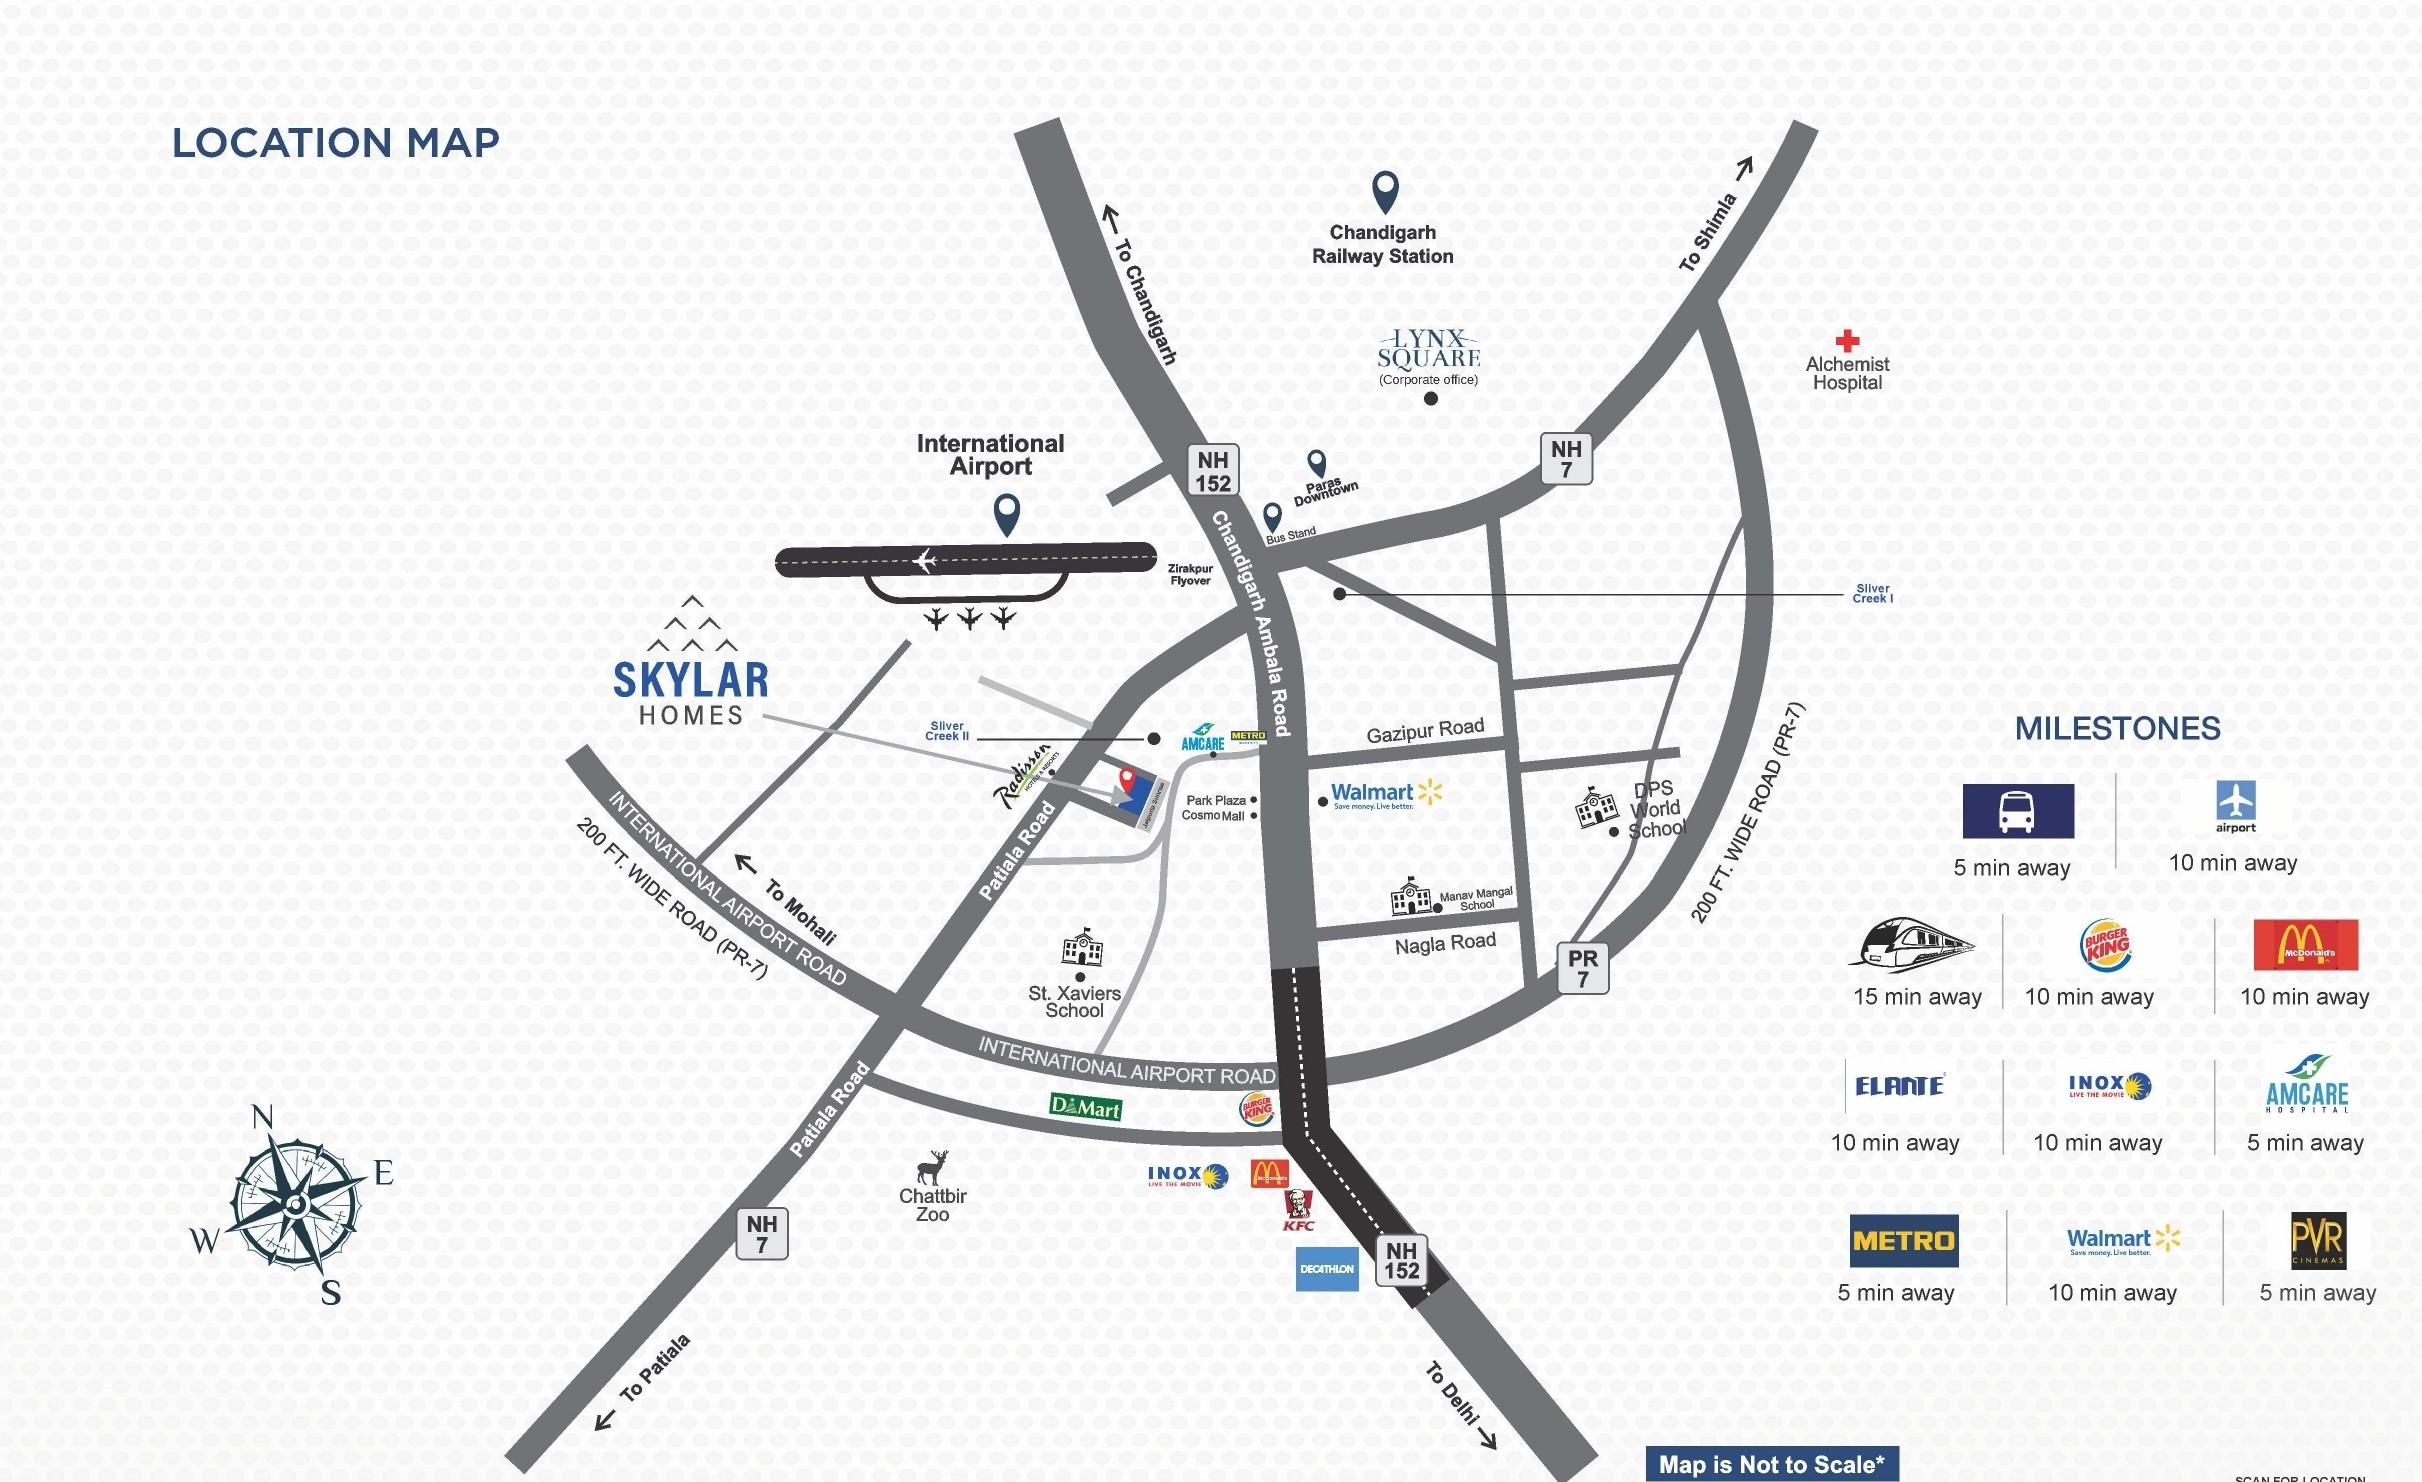 Skylar Homes Location Map